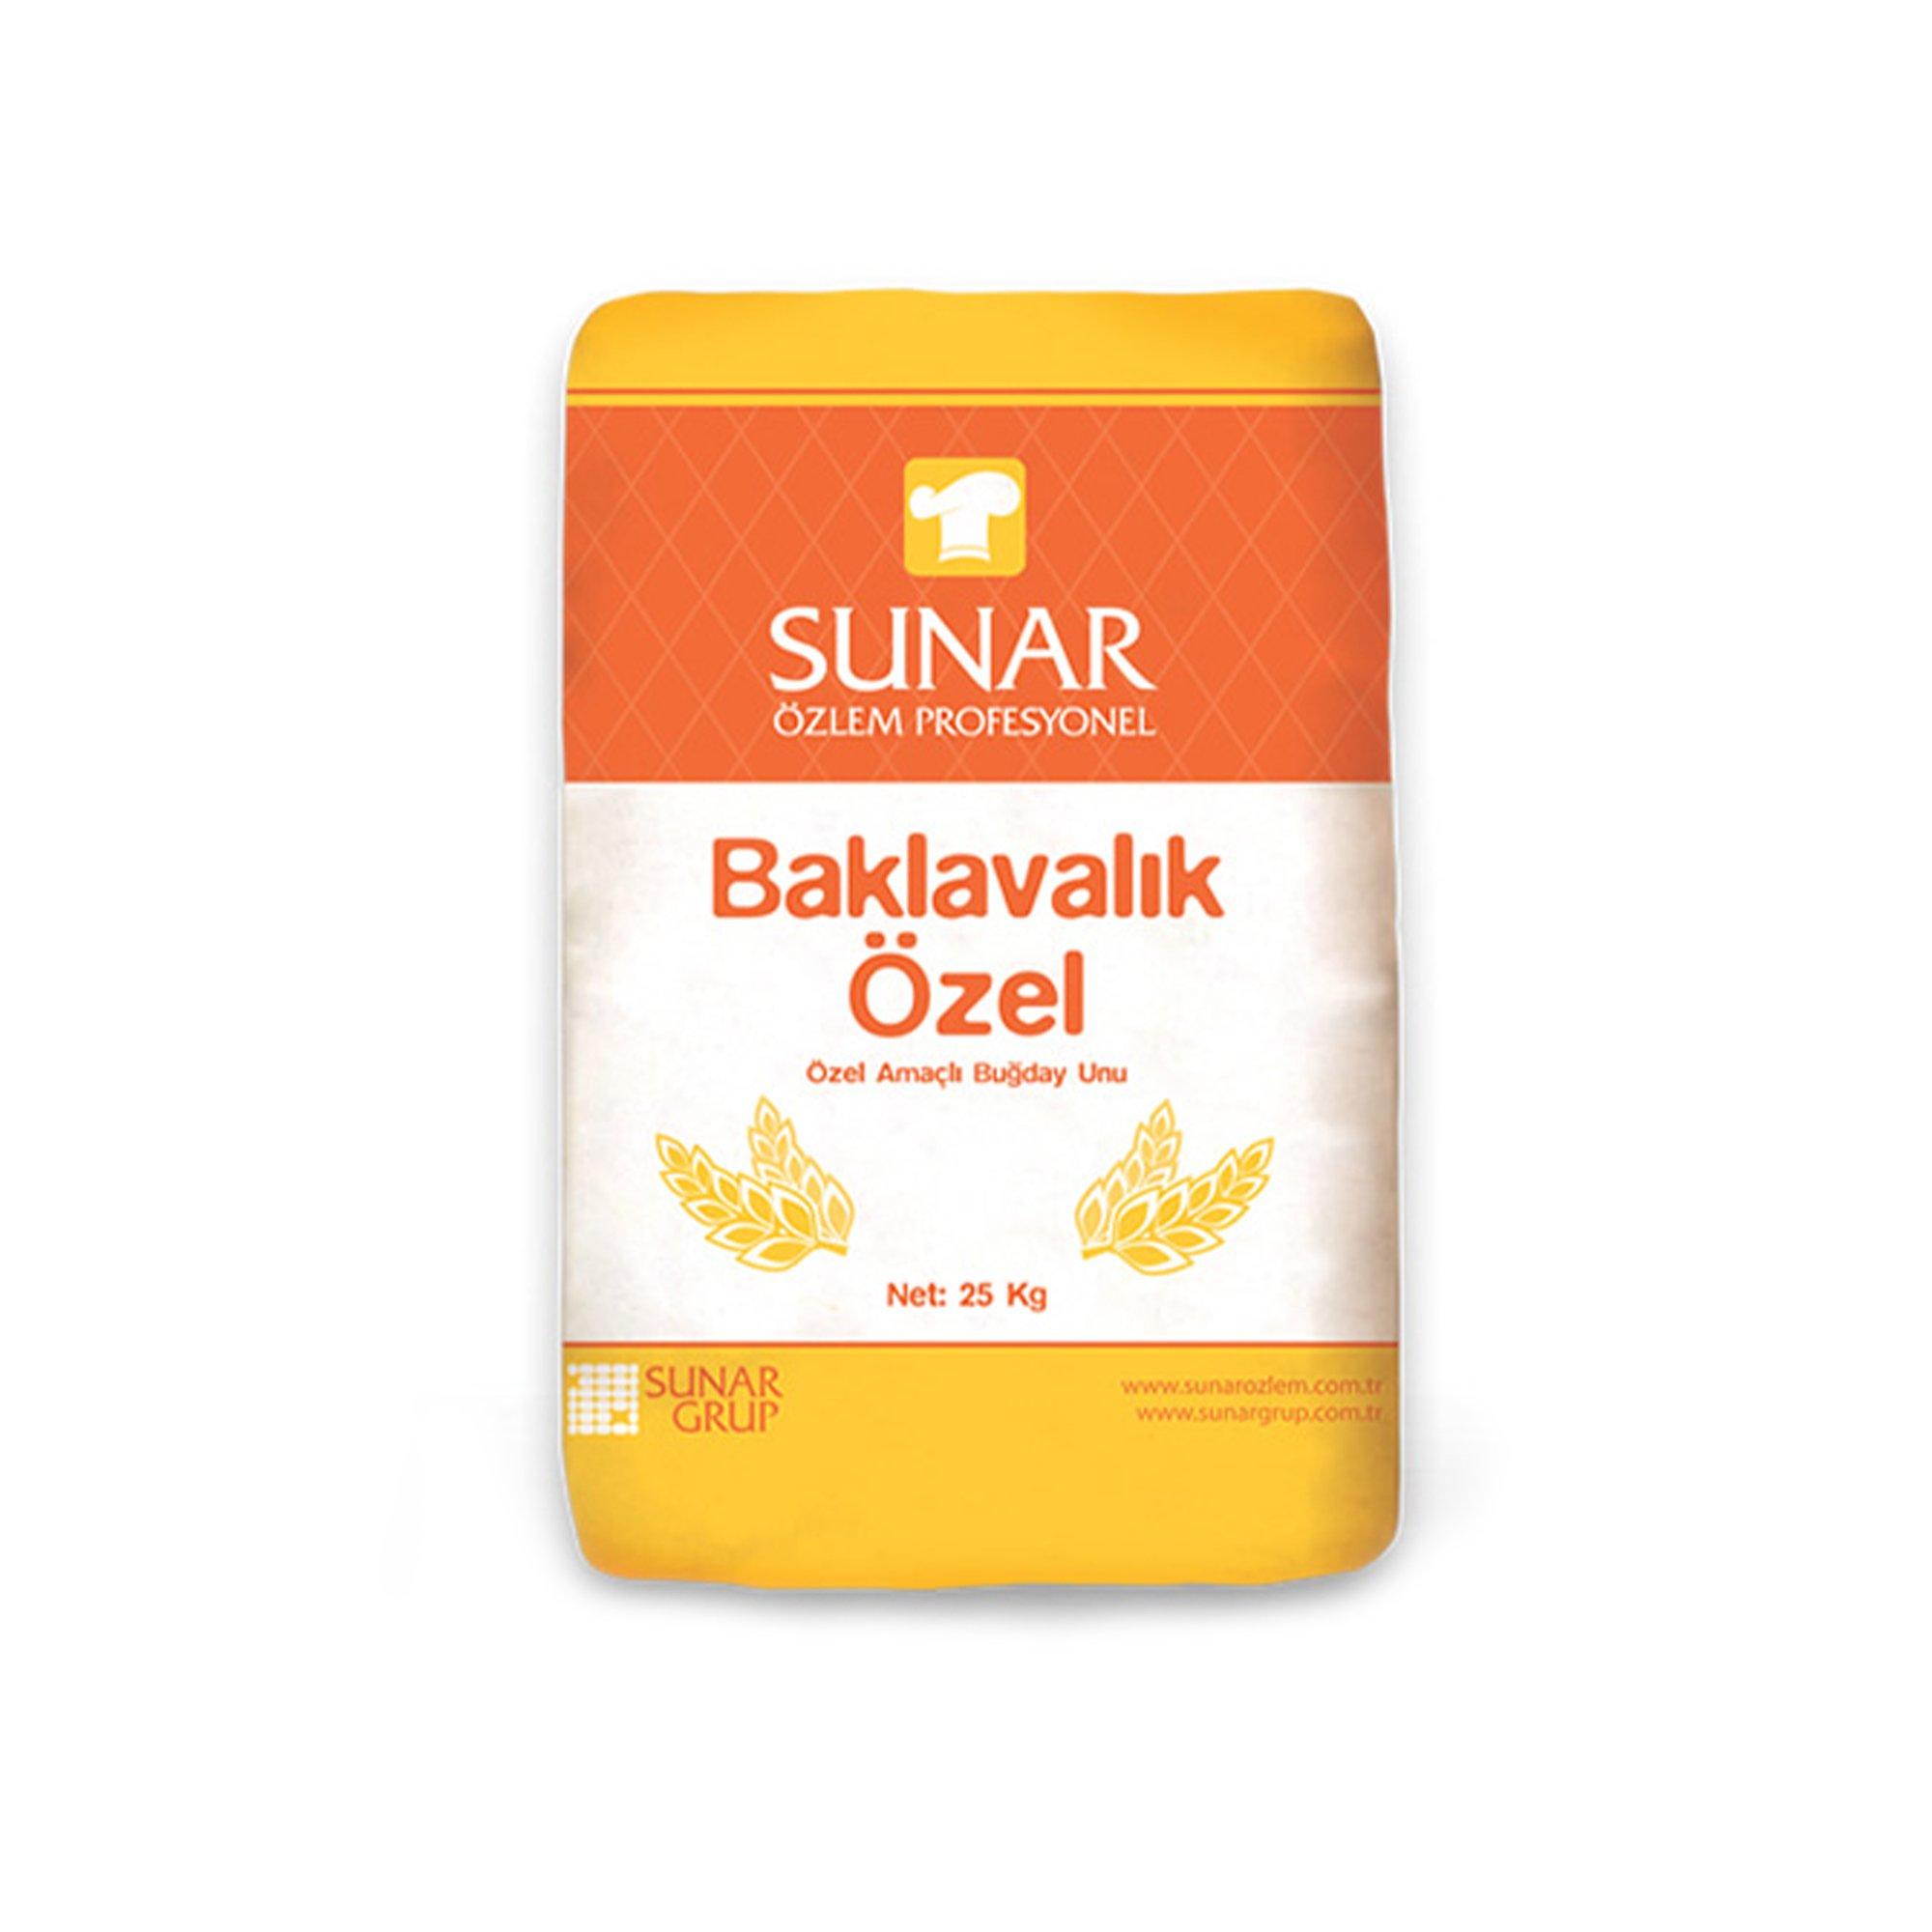 SUNAR NISASTA (ozel baklavalik) 25KG